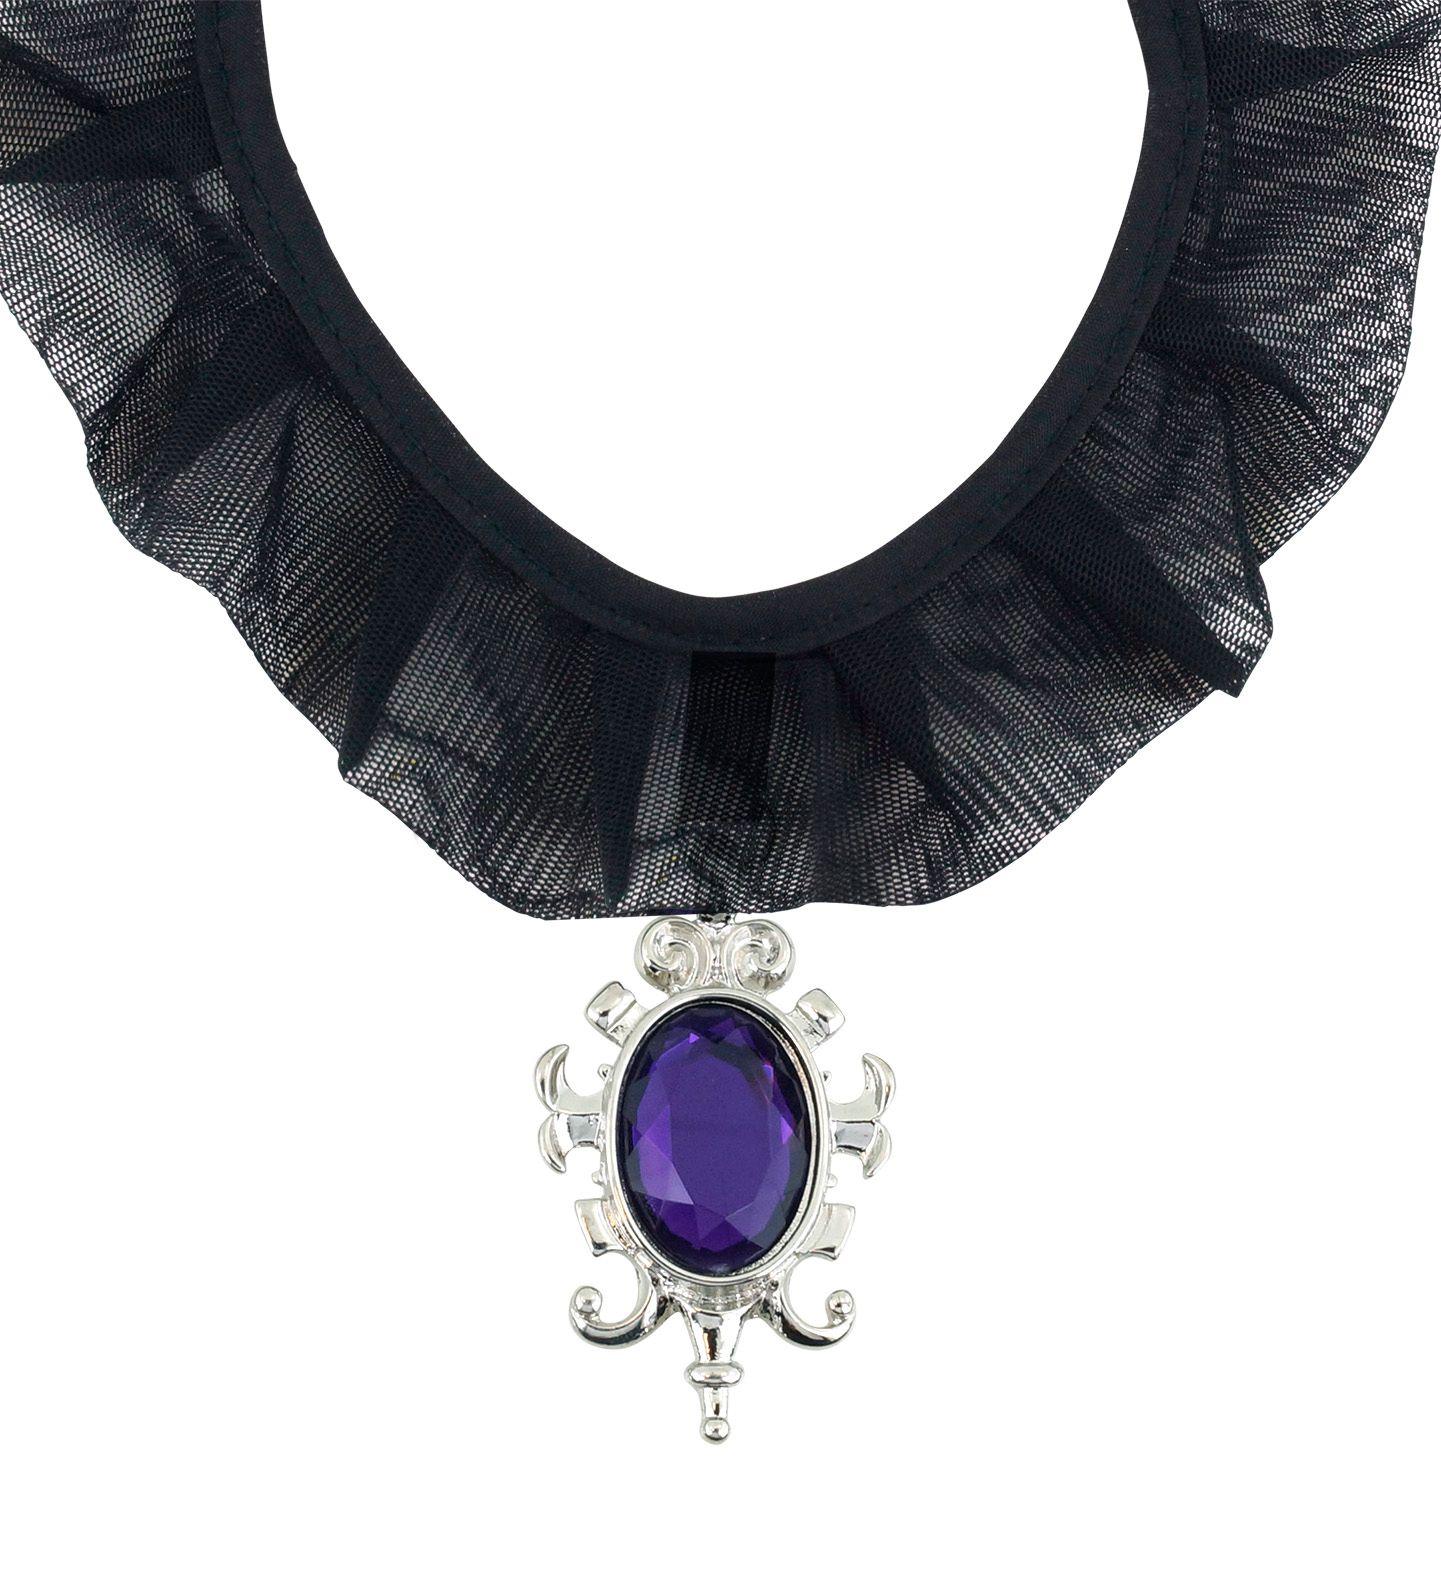 Zwarte gothic choker met juweel